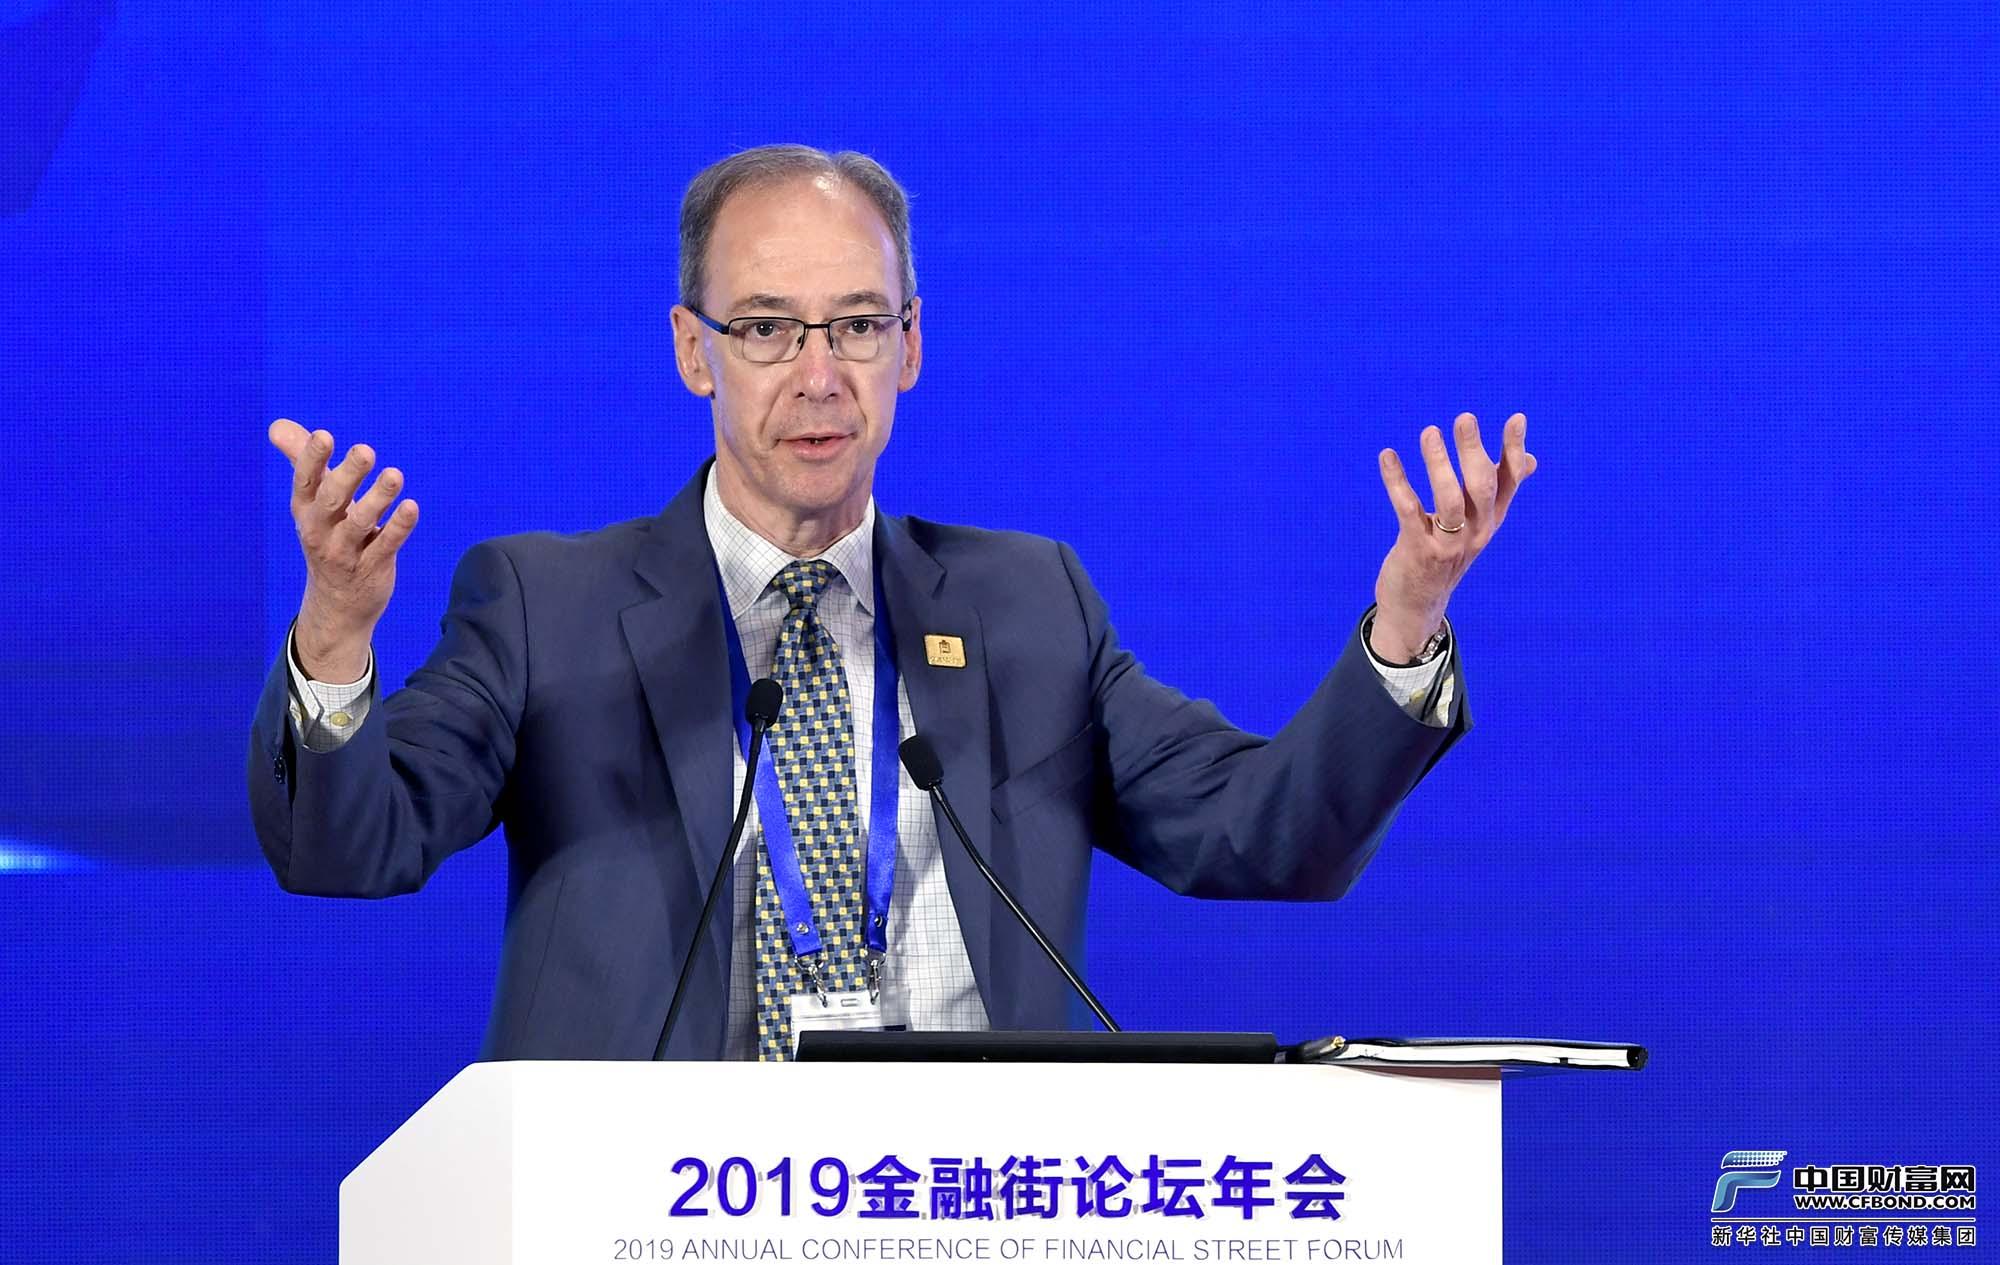 演讲嘉宾:北美信托银行执行副总裁兼首席经济学家Carl Tannenbaum